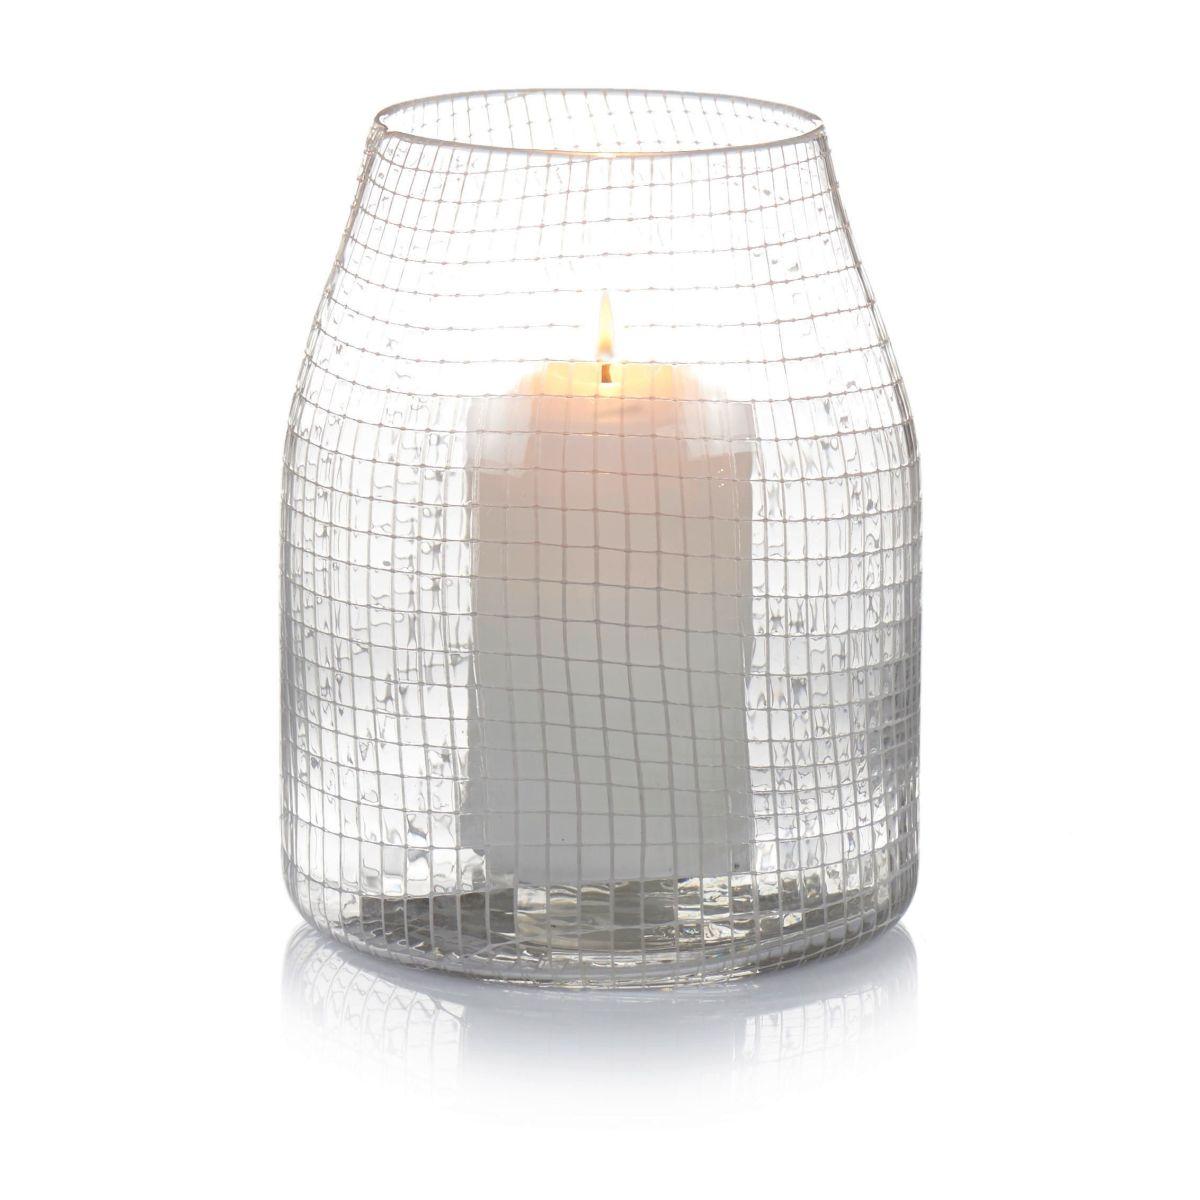 Windlicht, Glas (Impressionen)